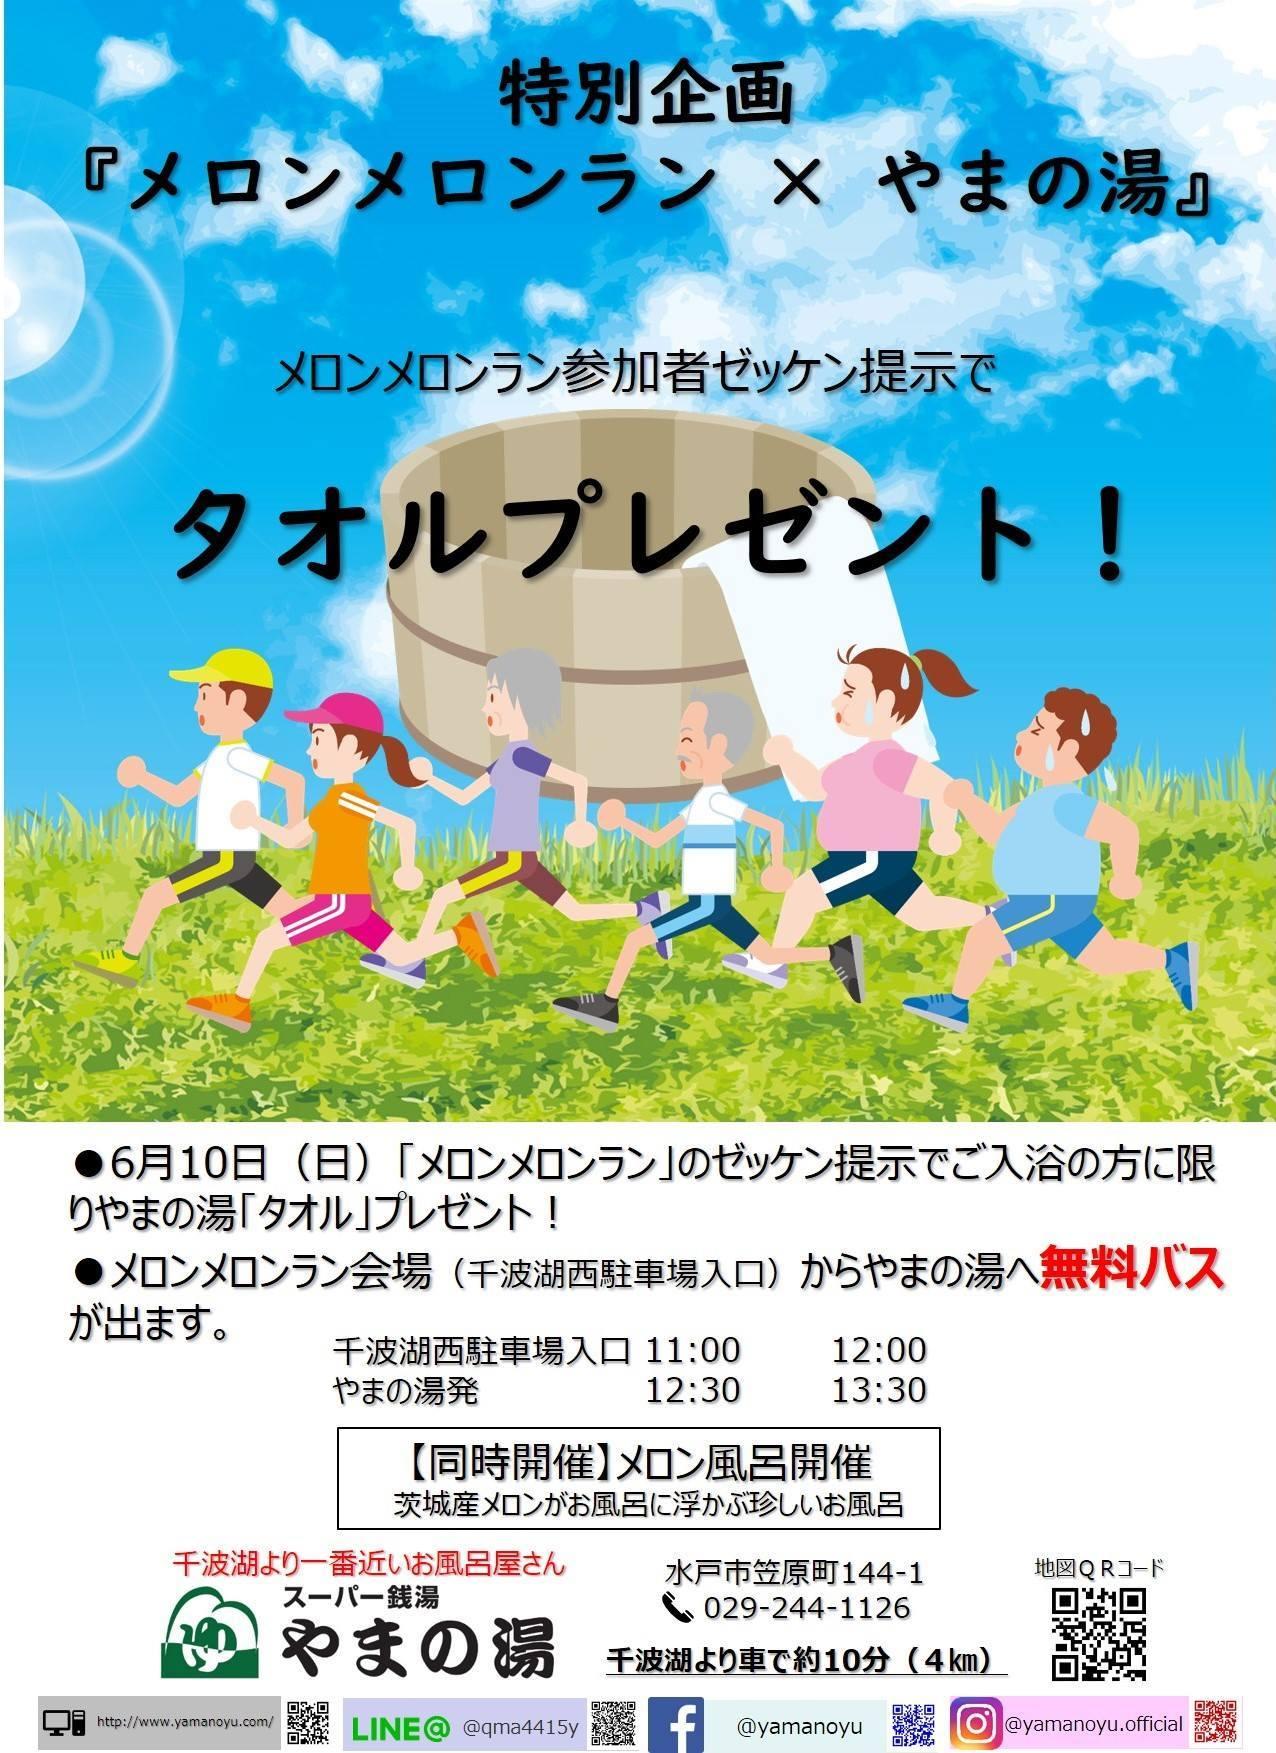 特別企画「メロンメロンラン×やまの湯」メロンメロンラン参加者ゼッケン提示でタオルプレゼント